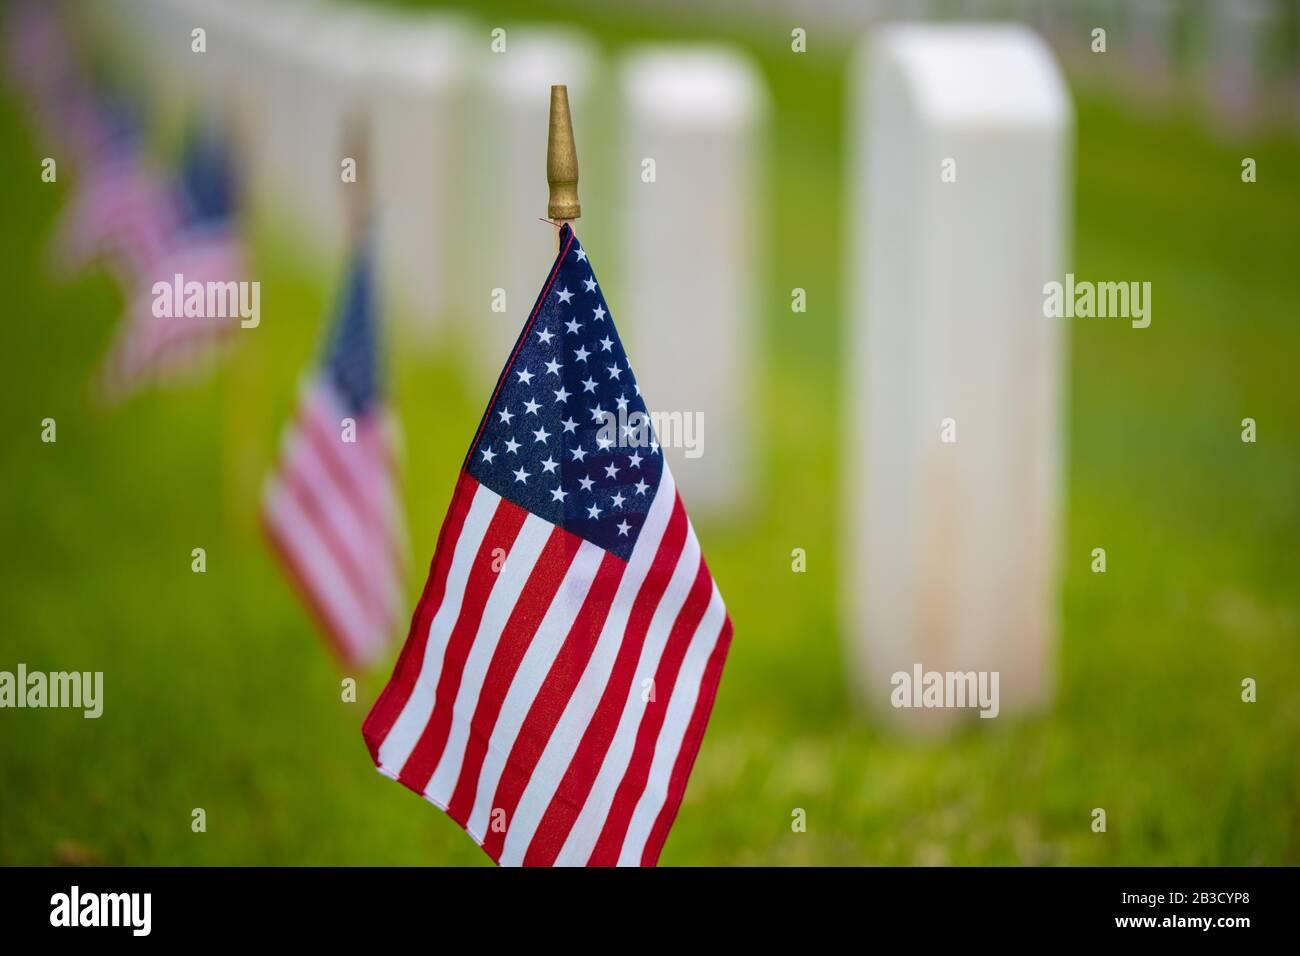 Un drapeau américain au cimetière en vacances Banque D'Images